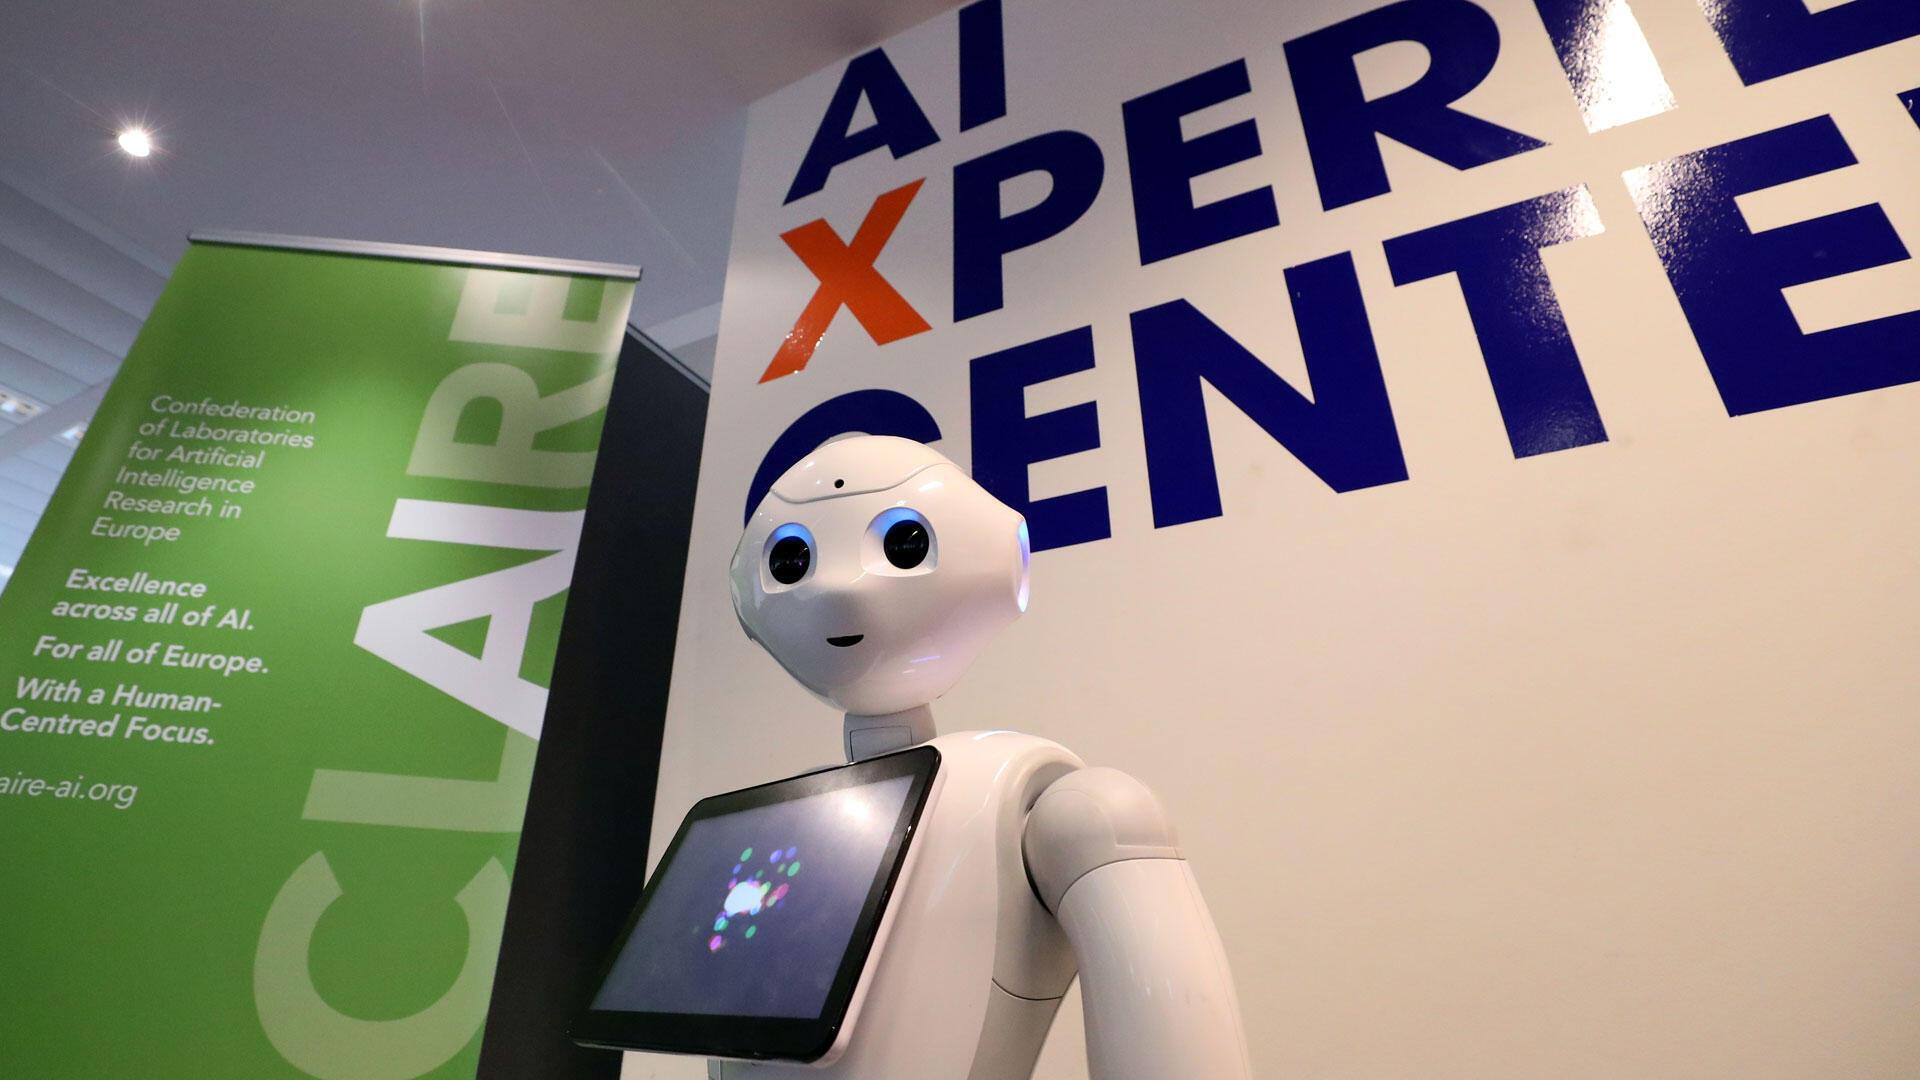 មនុស្សយន្ត មានបំពាក់បច្ចេកវិទ្យាបញ្ញាសប្បនិម្មិត «Artificial Intelligence Xperience» របស់សាកលវិទ្យាល័យ Vrije នៅព្រុចសែលប្រទេសប៊ែលហ្សិក